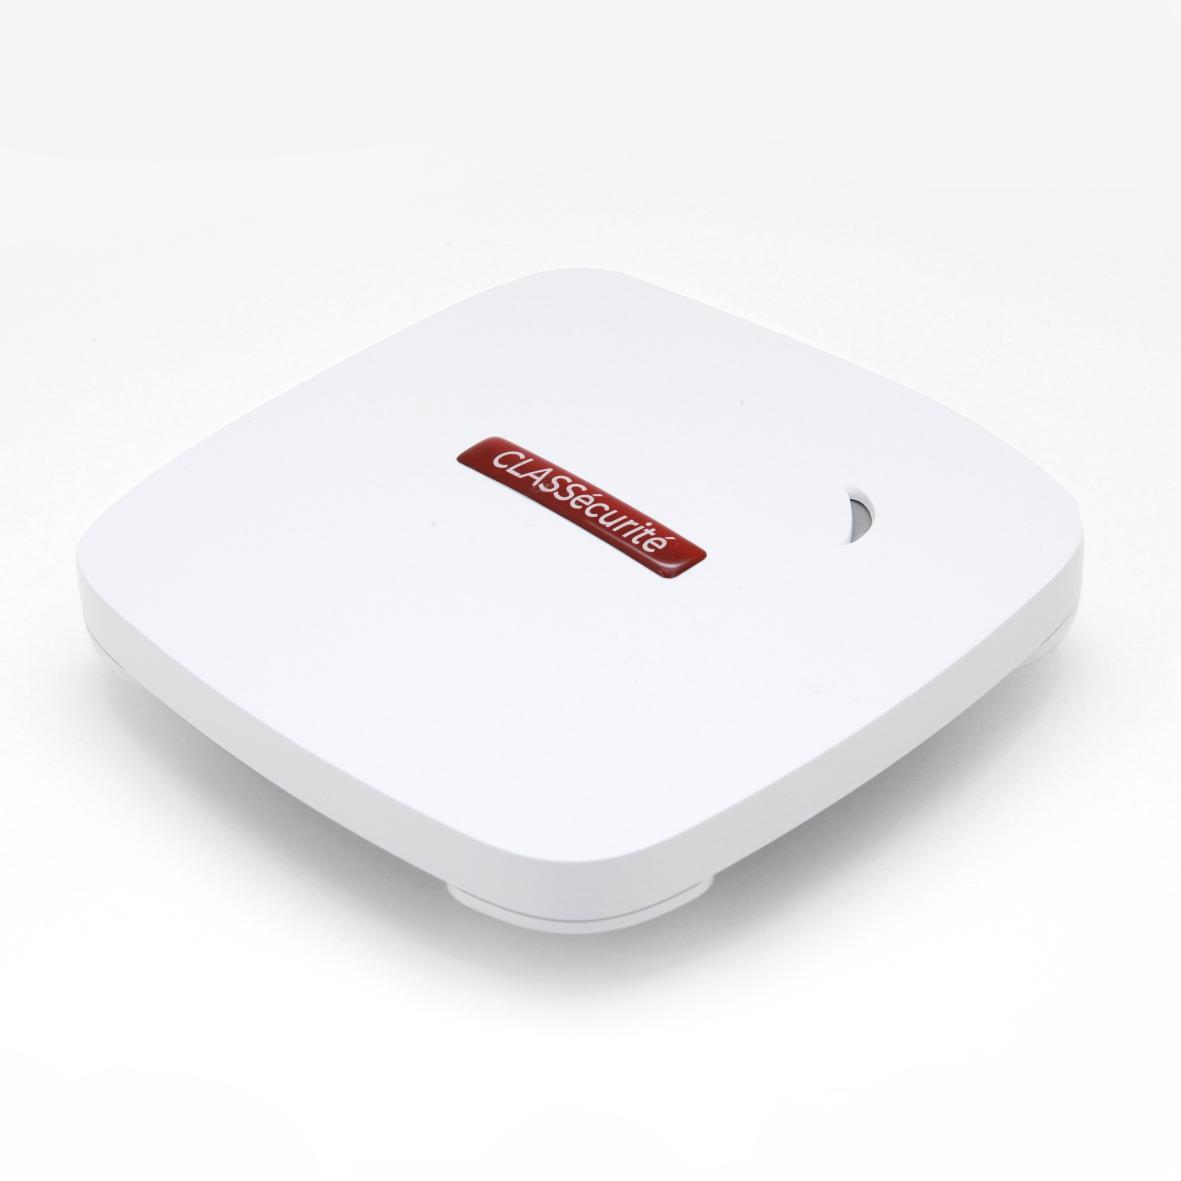 Détecteur de fumée FireProtectPlus avec Capteur Co  (Monoxyde de carbone)